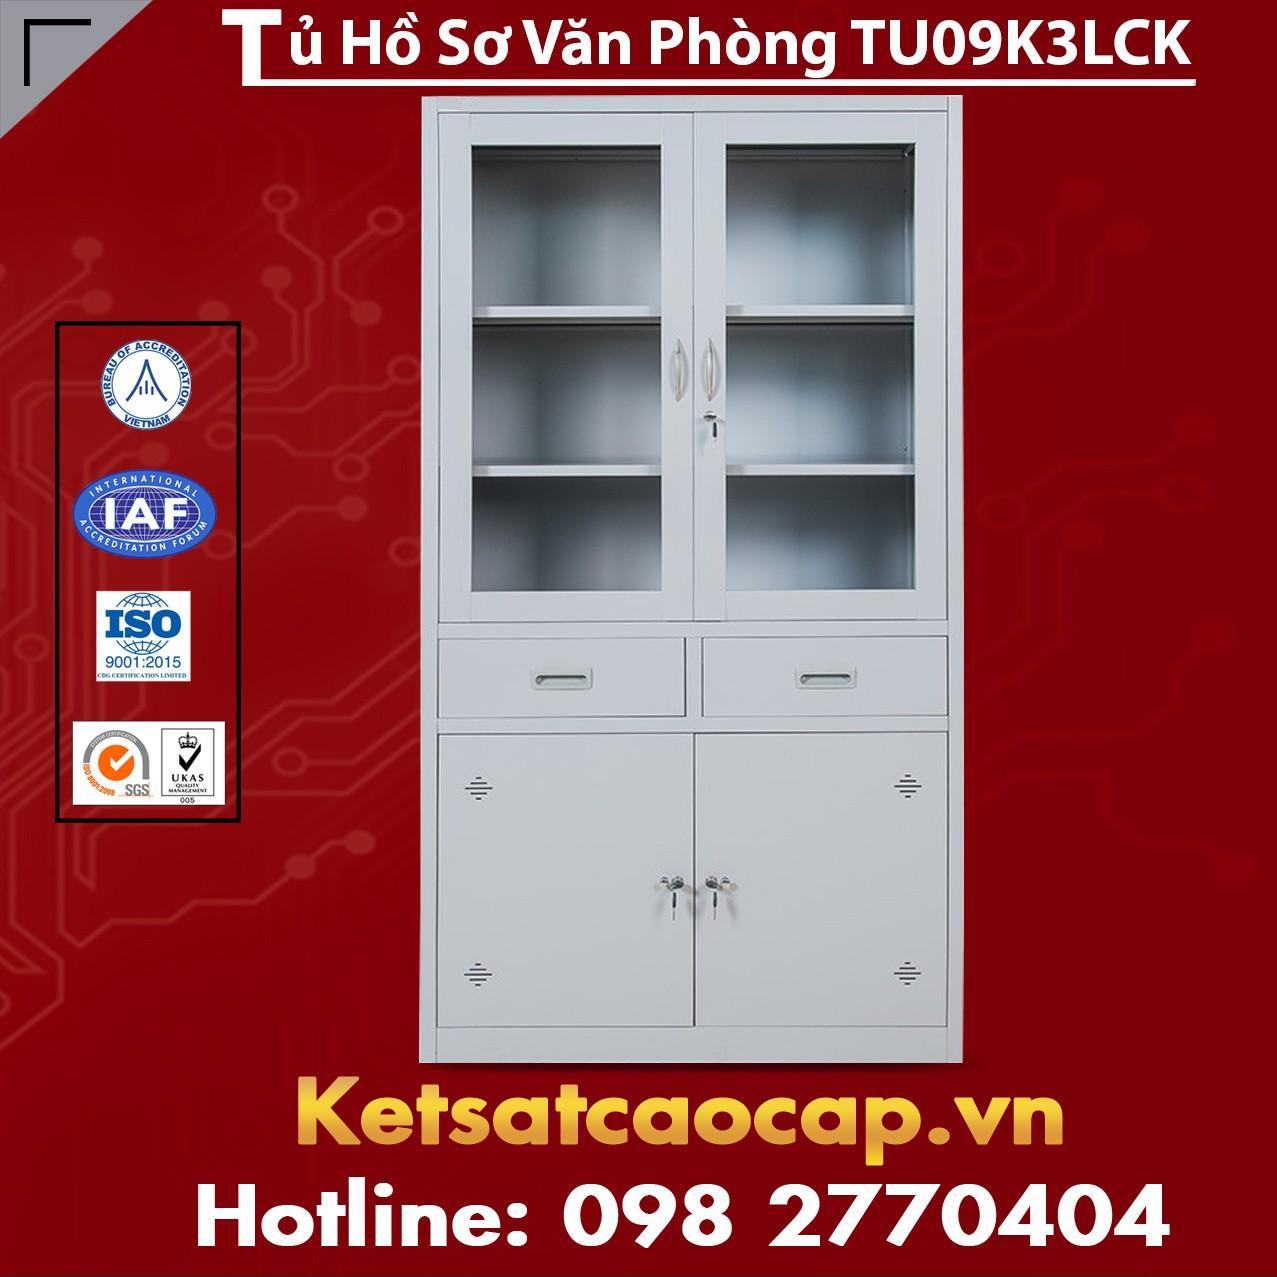 Tủ Hồ Sơ Văn Phòng TU09K3LCK